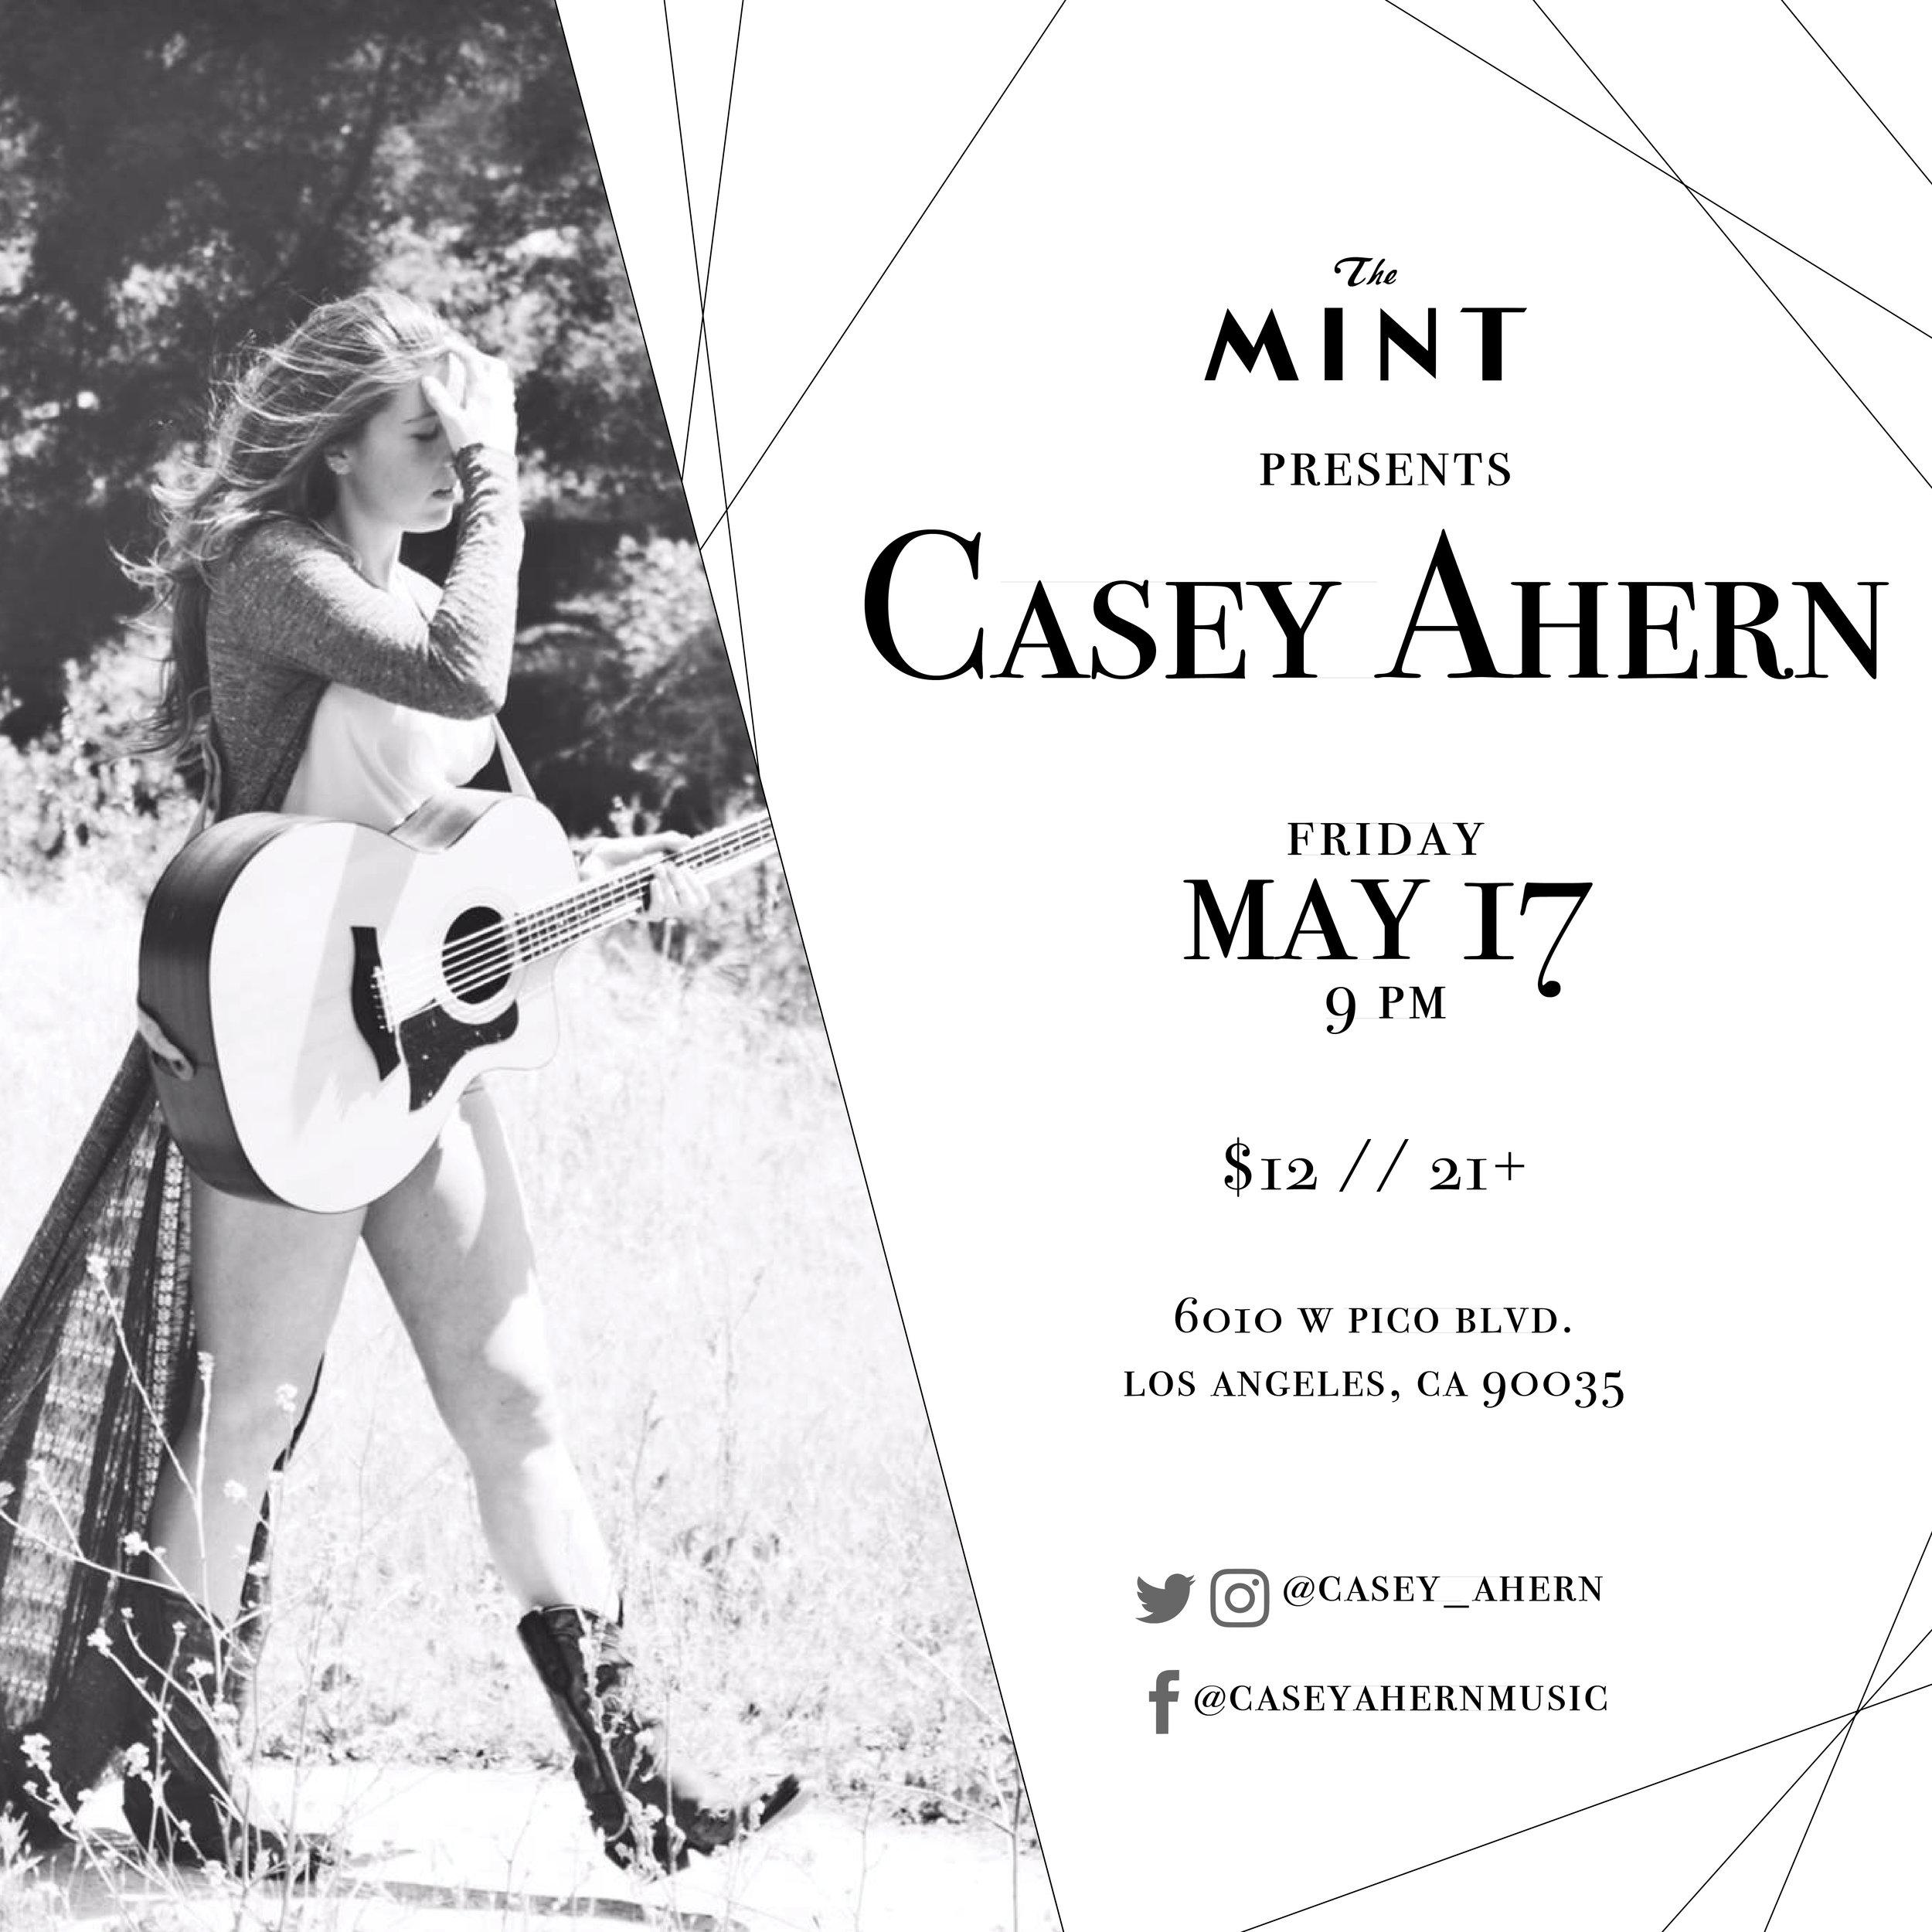 Casey Ahern Mint 5/17 flyer